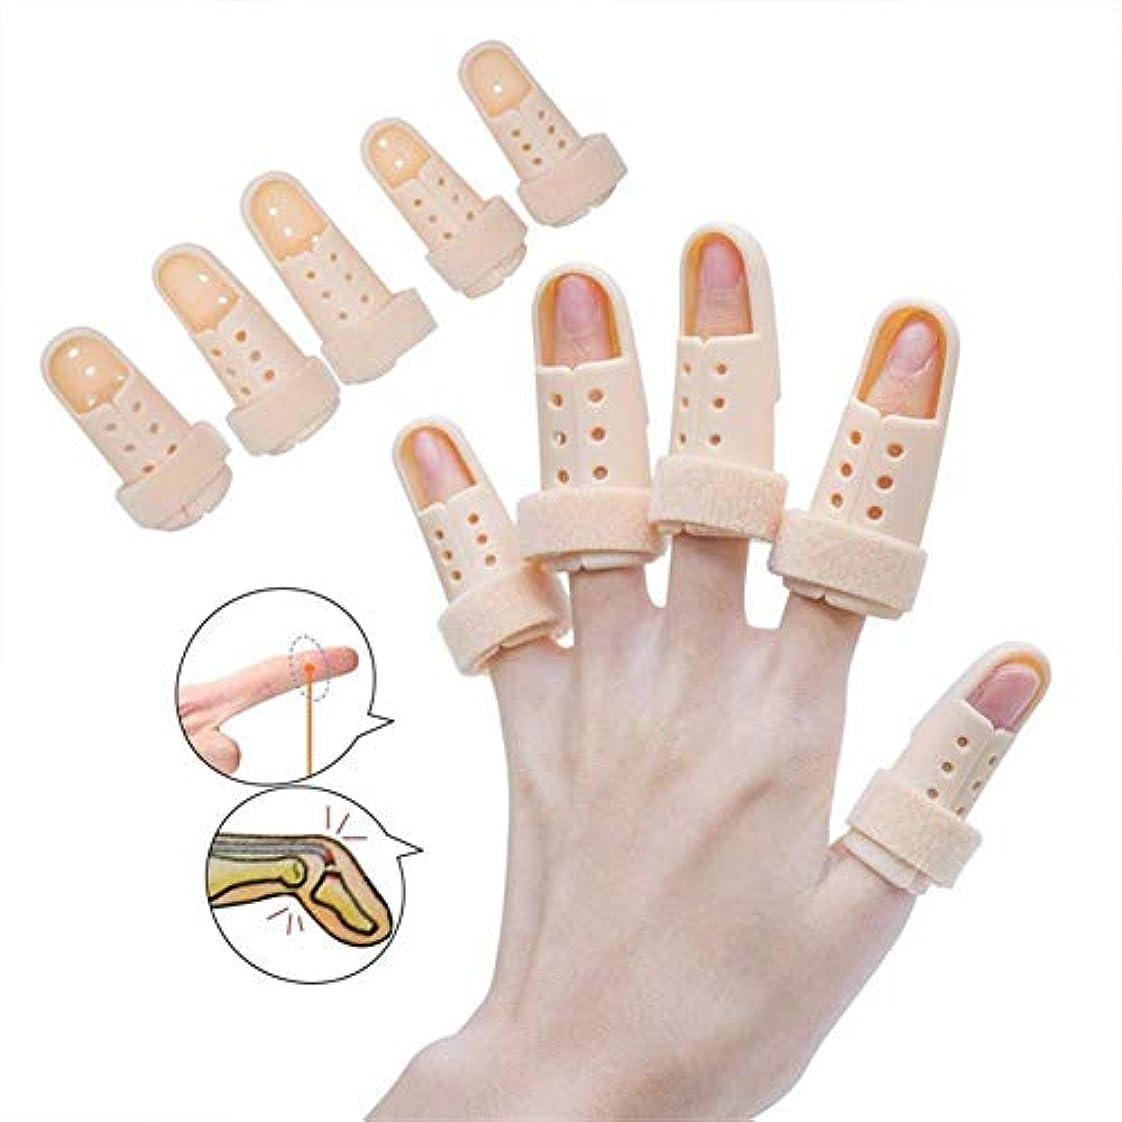 囲い粘液冗談で指の怪我のサポート、スプリントは指の捻rain関節炎の中立保護骨折サポートのスプリントをトリガーします